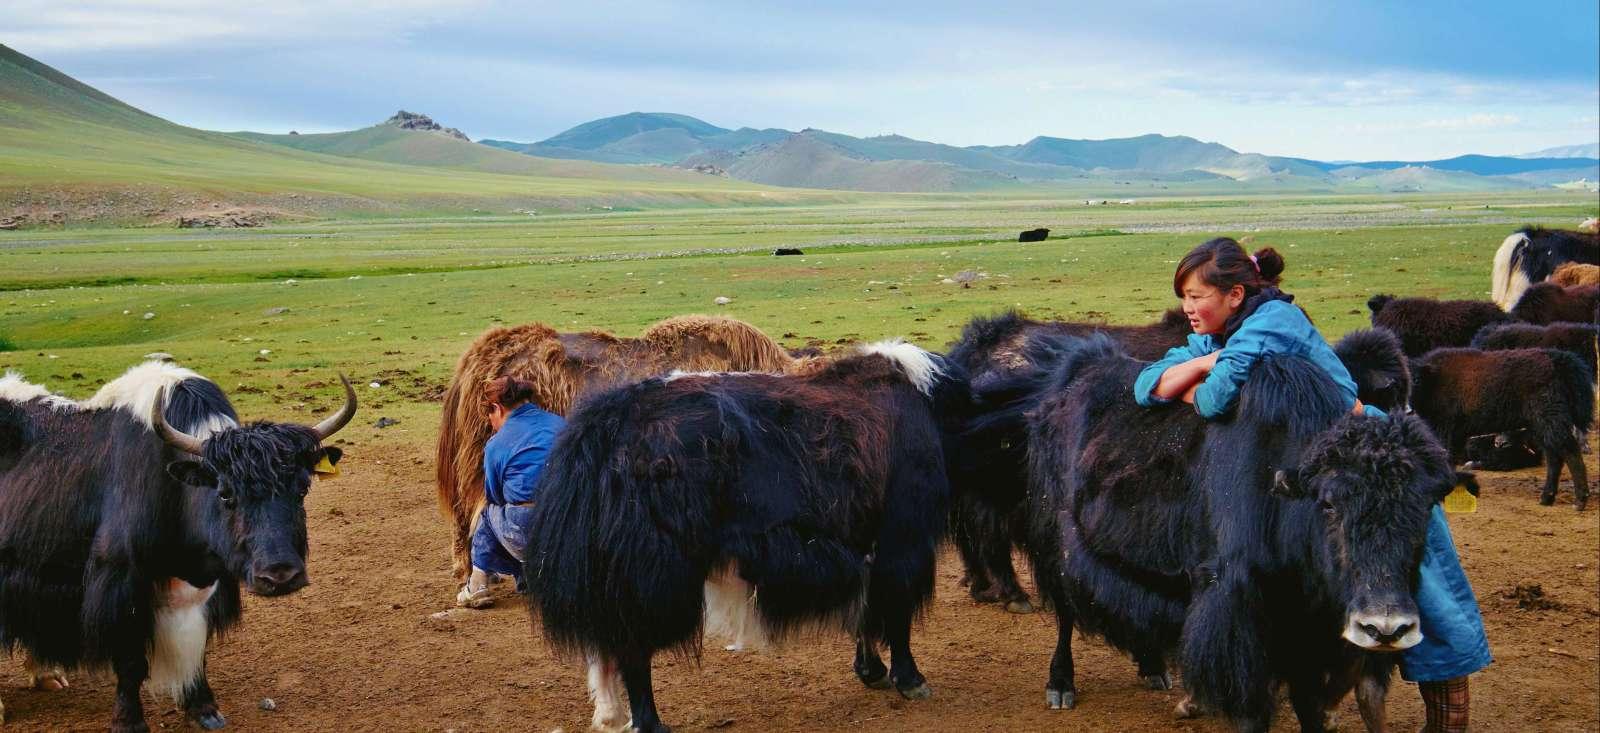 Voyage à pied : Focus sur les éleveurs de yaks !